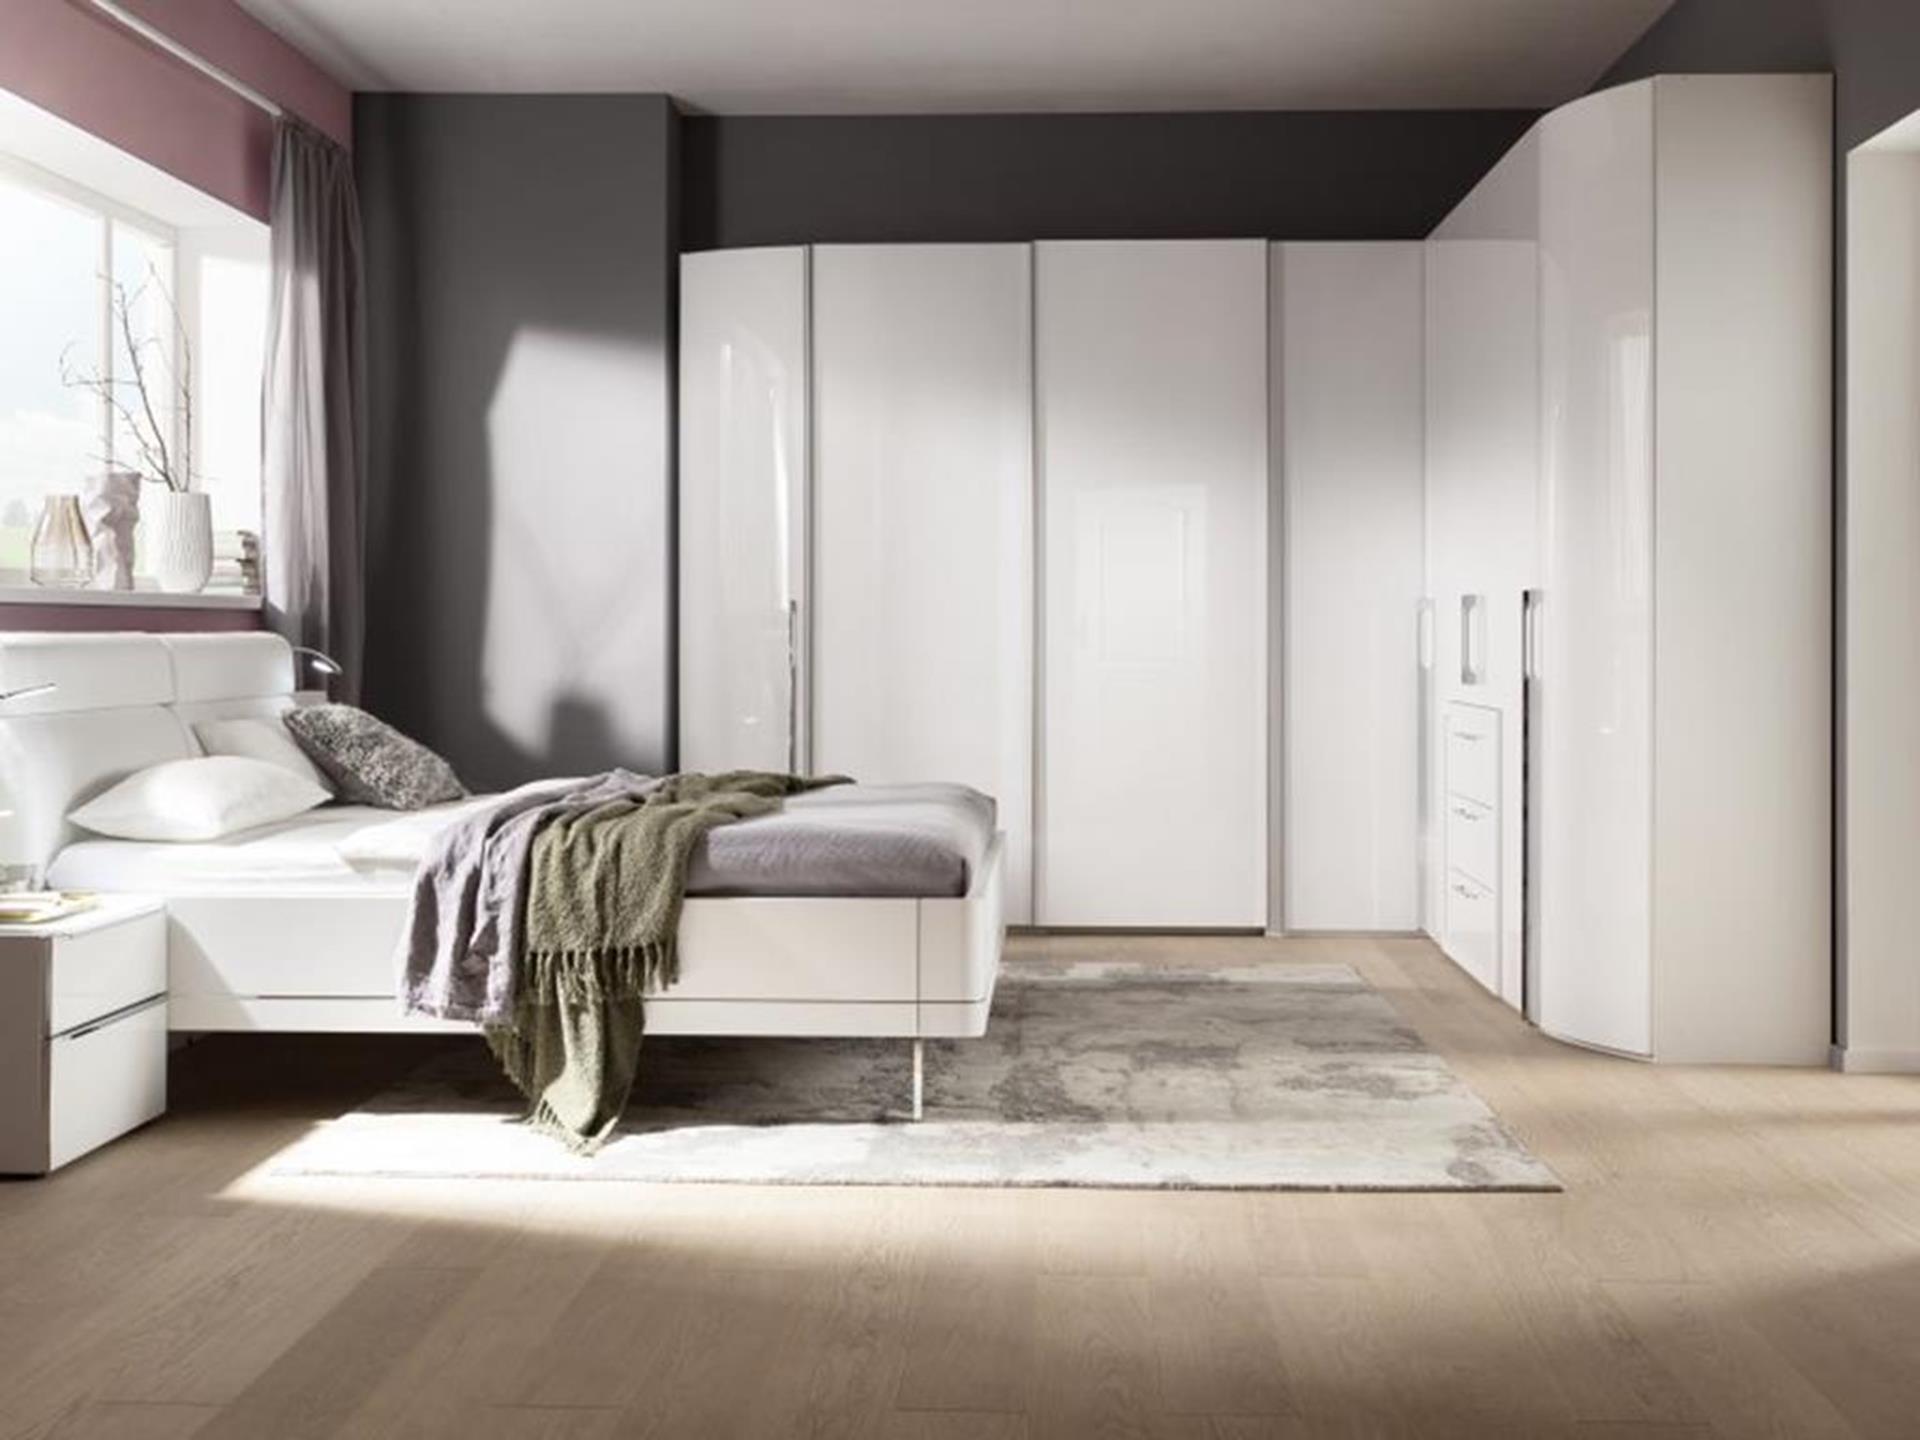 biała szafa i łóżko firmy nolte kuchen